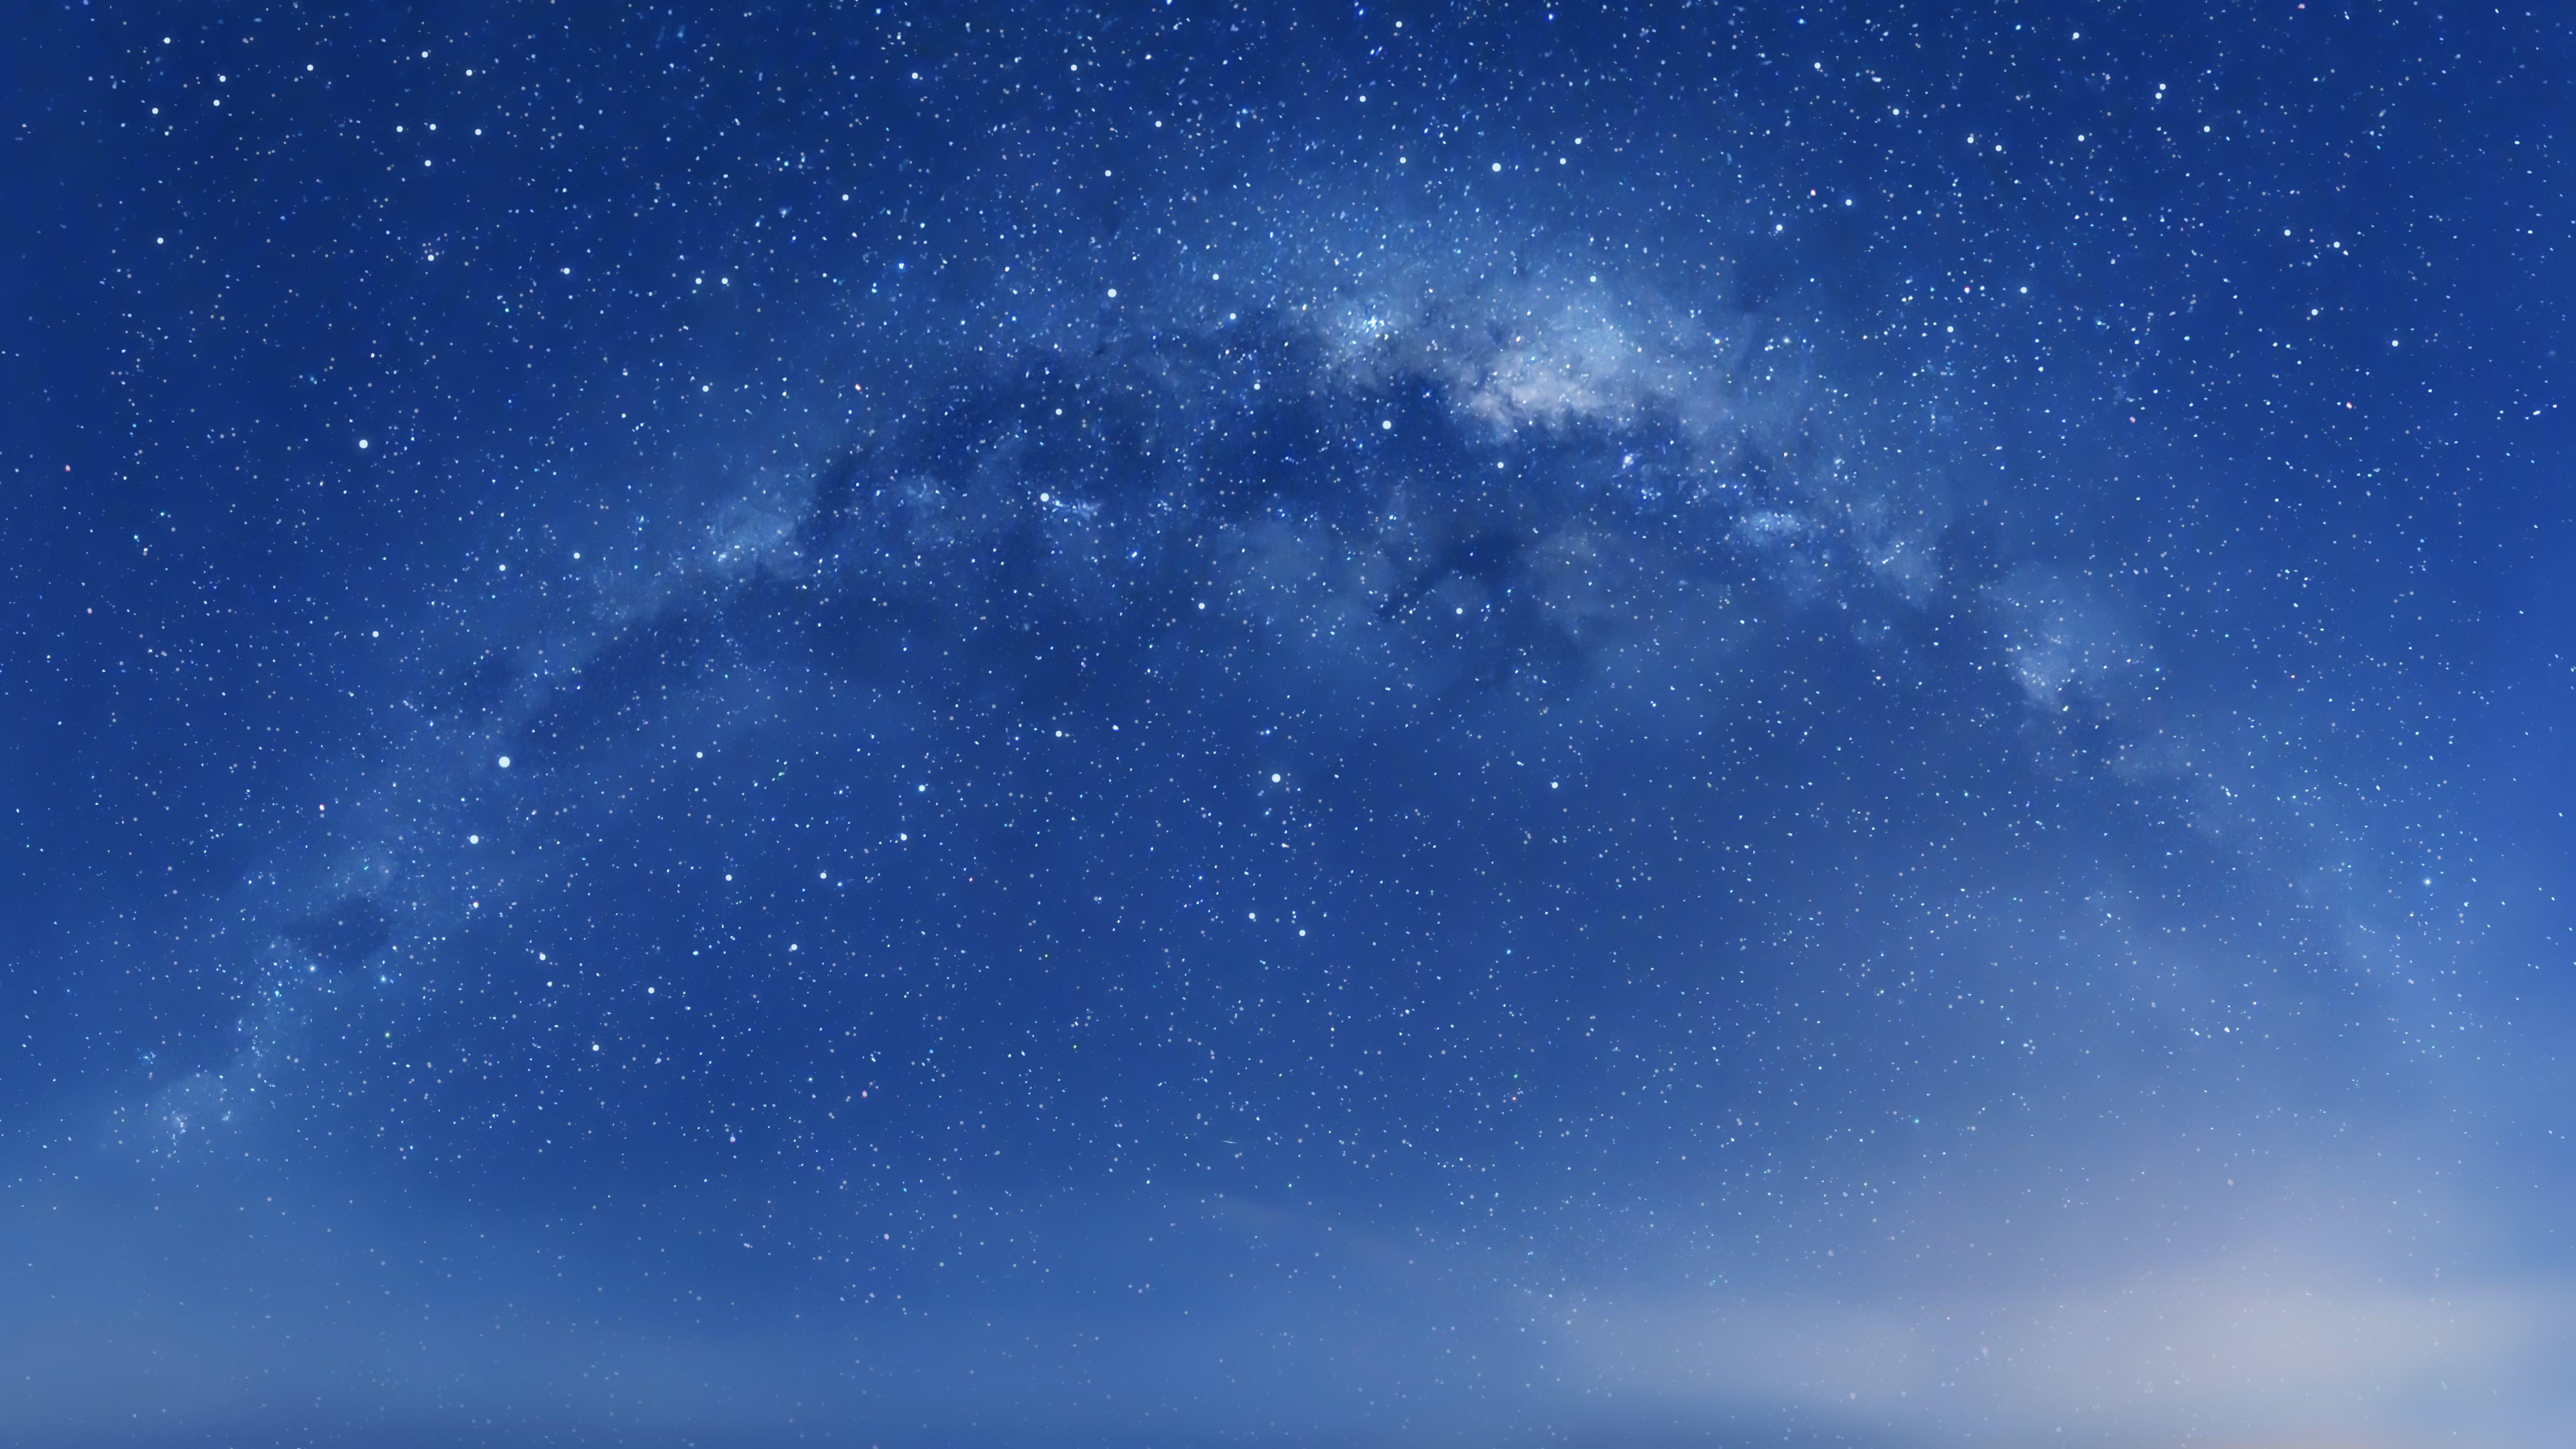 背景 壁纸 皮肤 设计 矢量 矢量图 素材 星空 宇宙 桌面 5120_2880